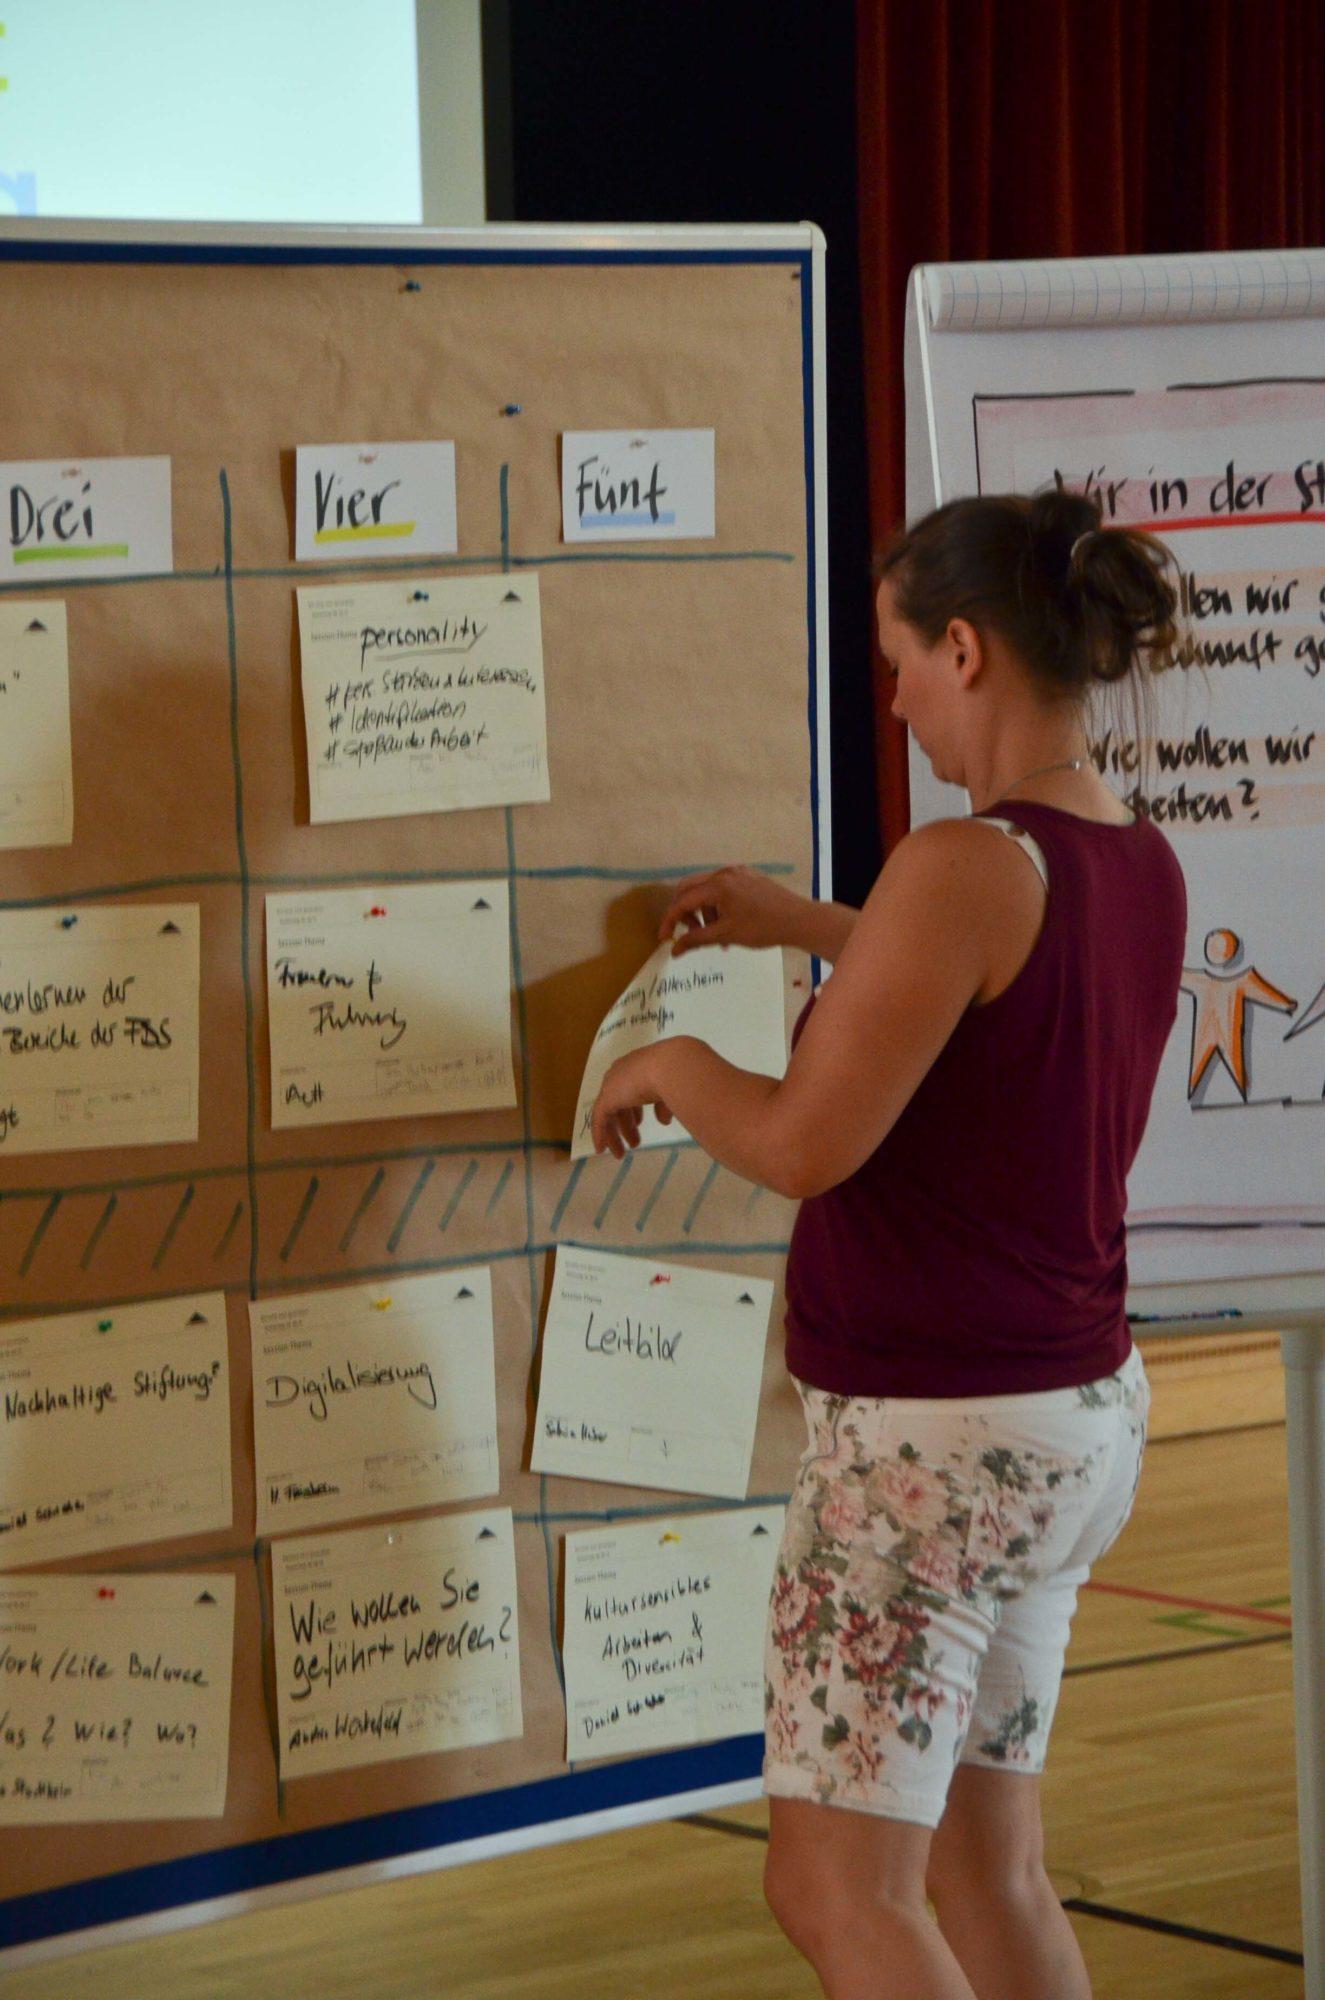 Yvonne Grabow pinnt eine Moderationskarte an eine braune Metaplanwand.